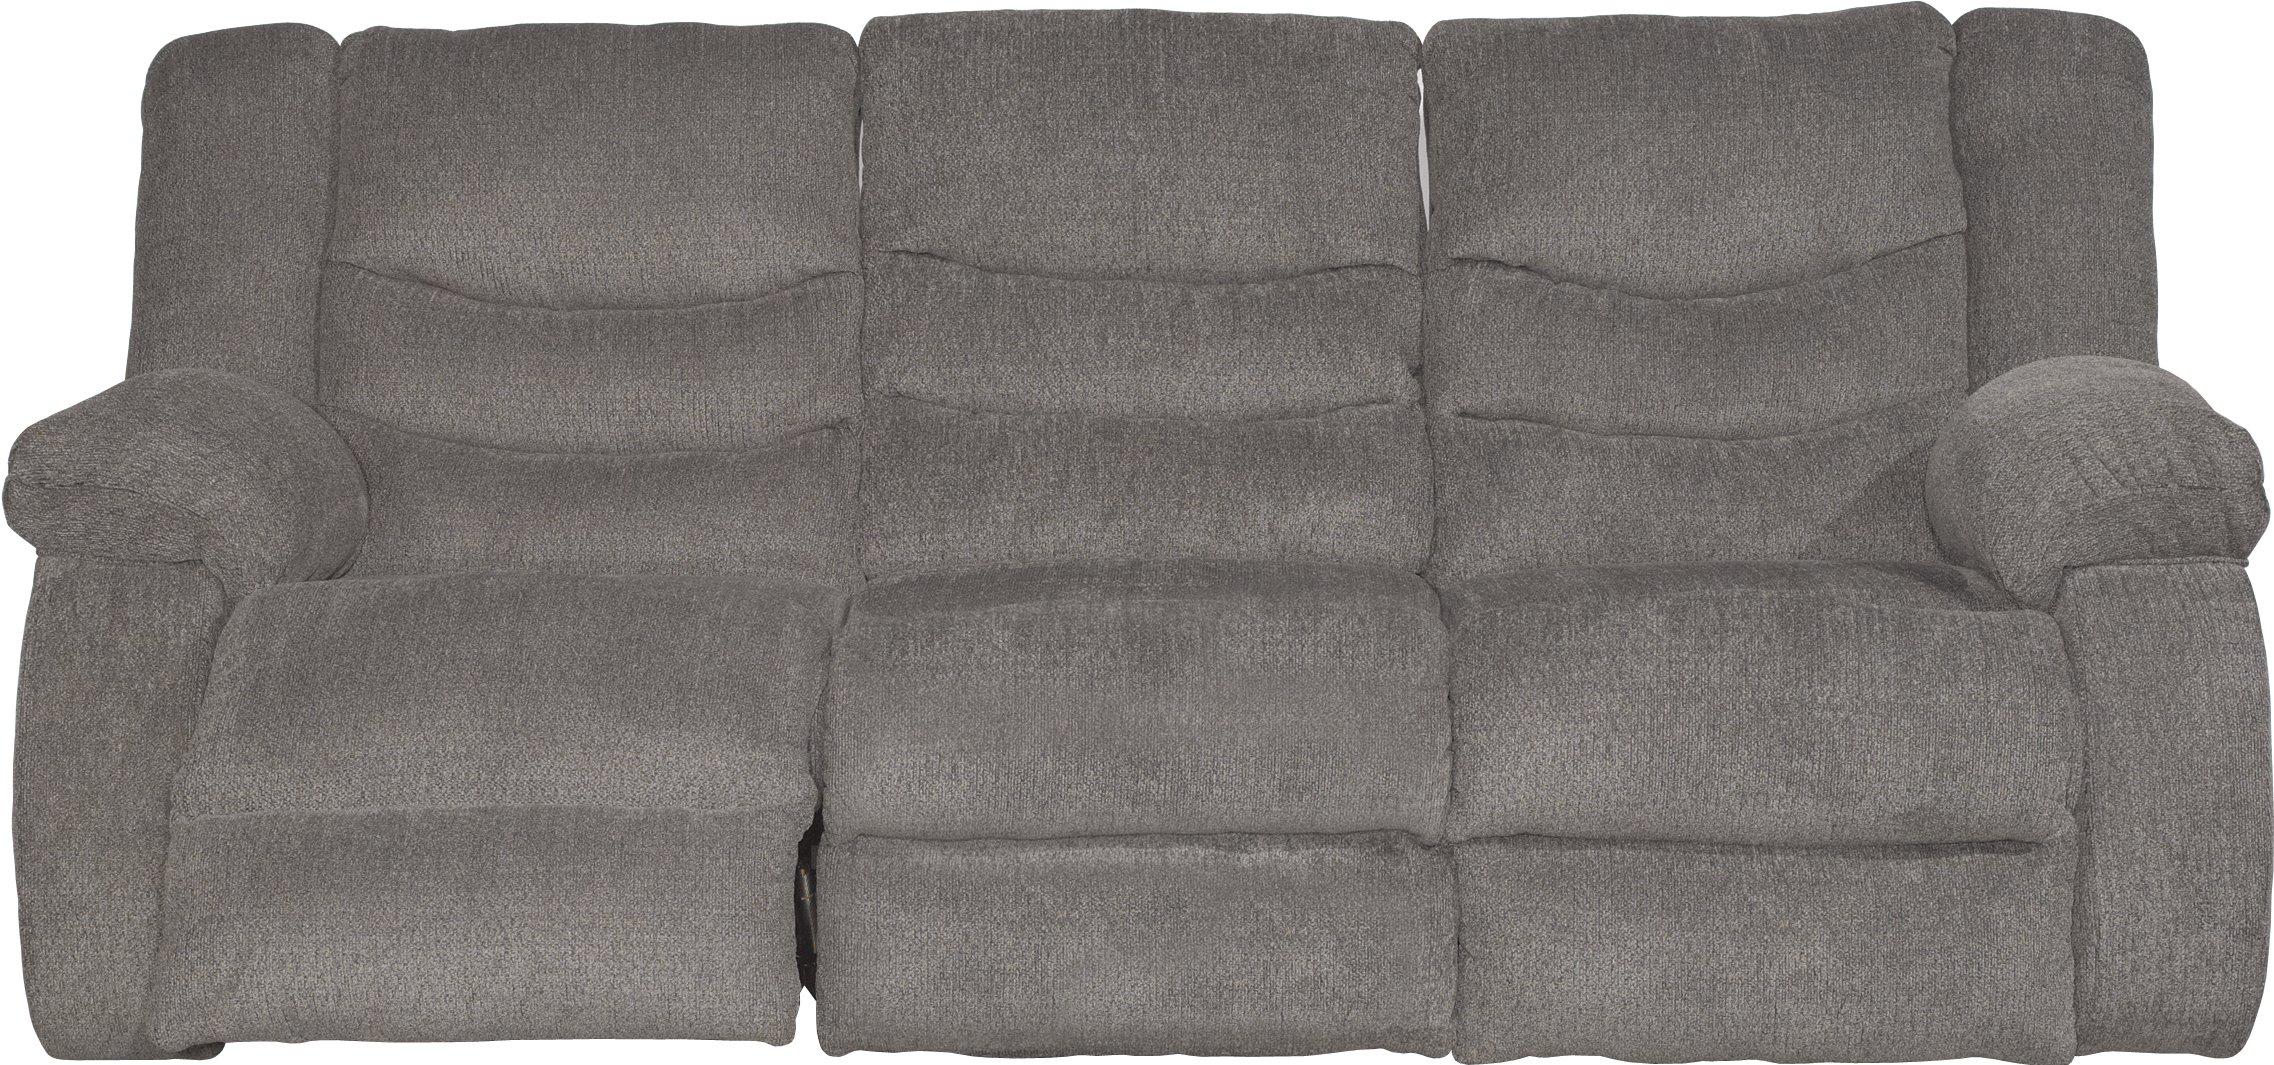 25 Best Tulen Reclining Sofa